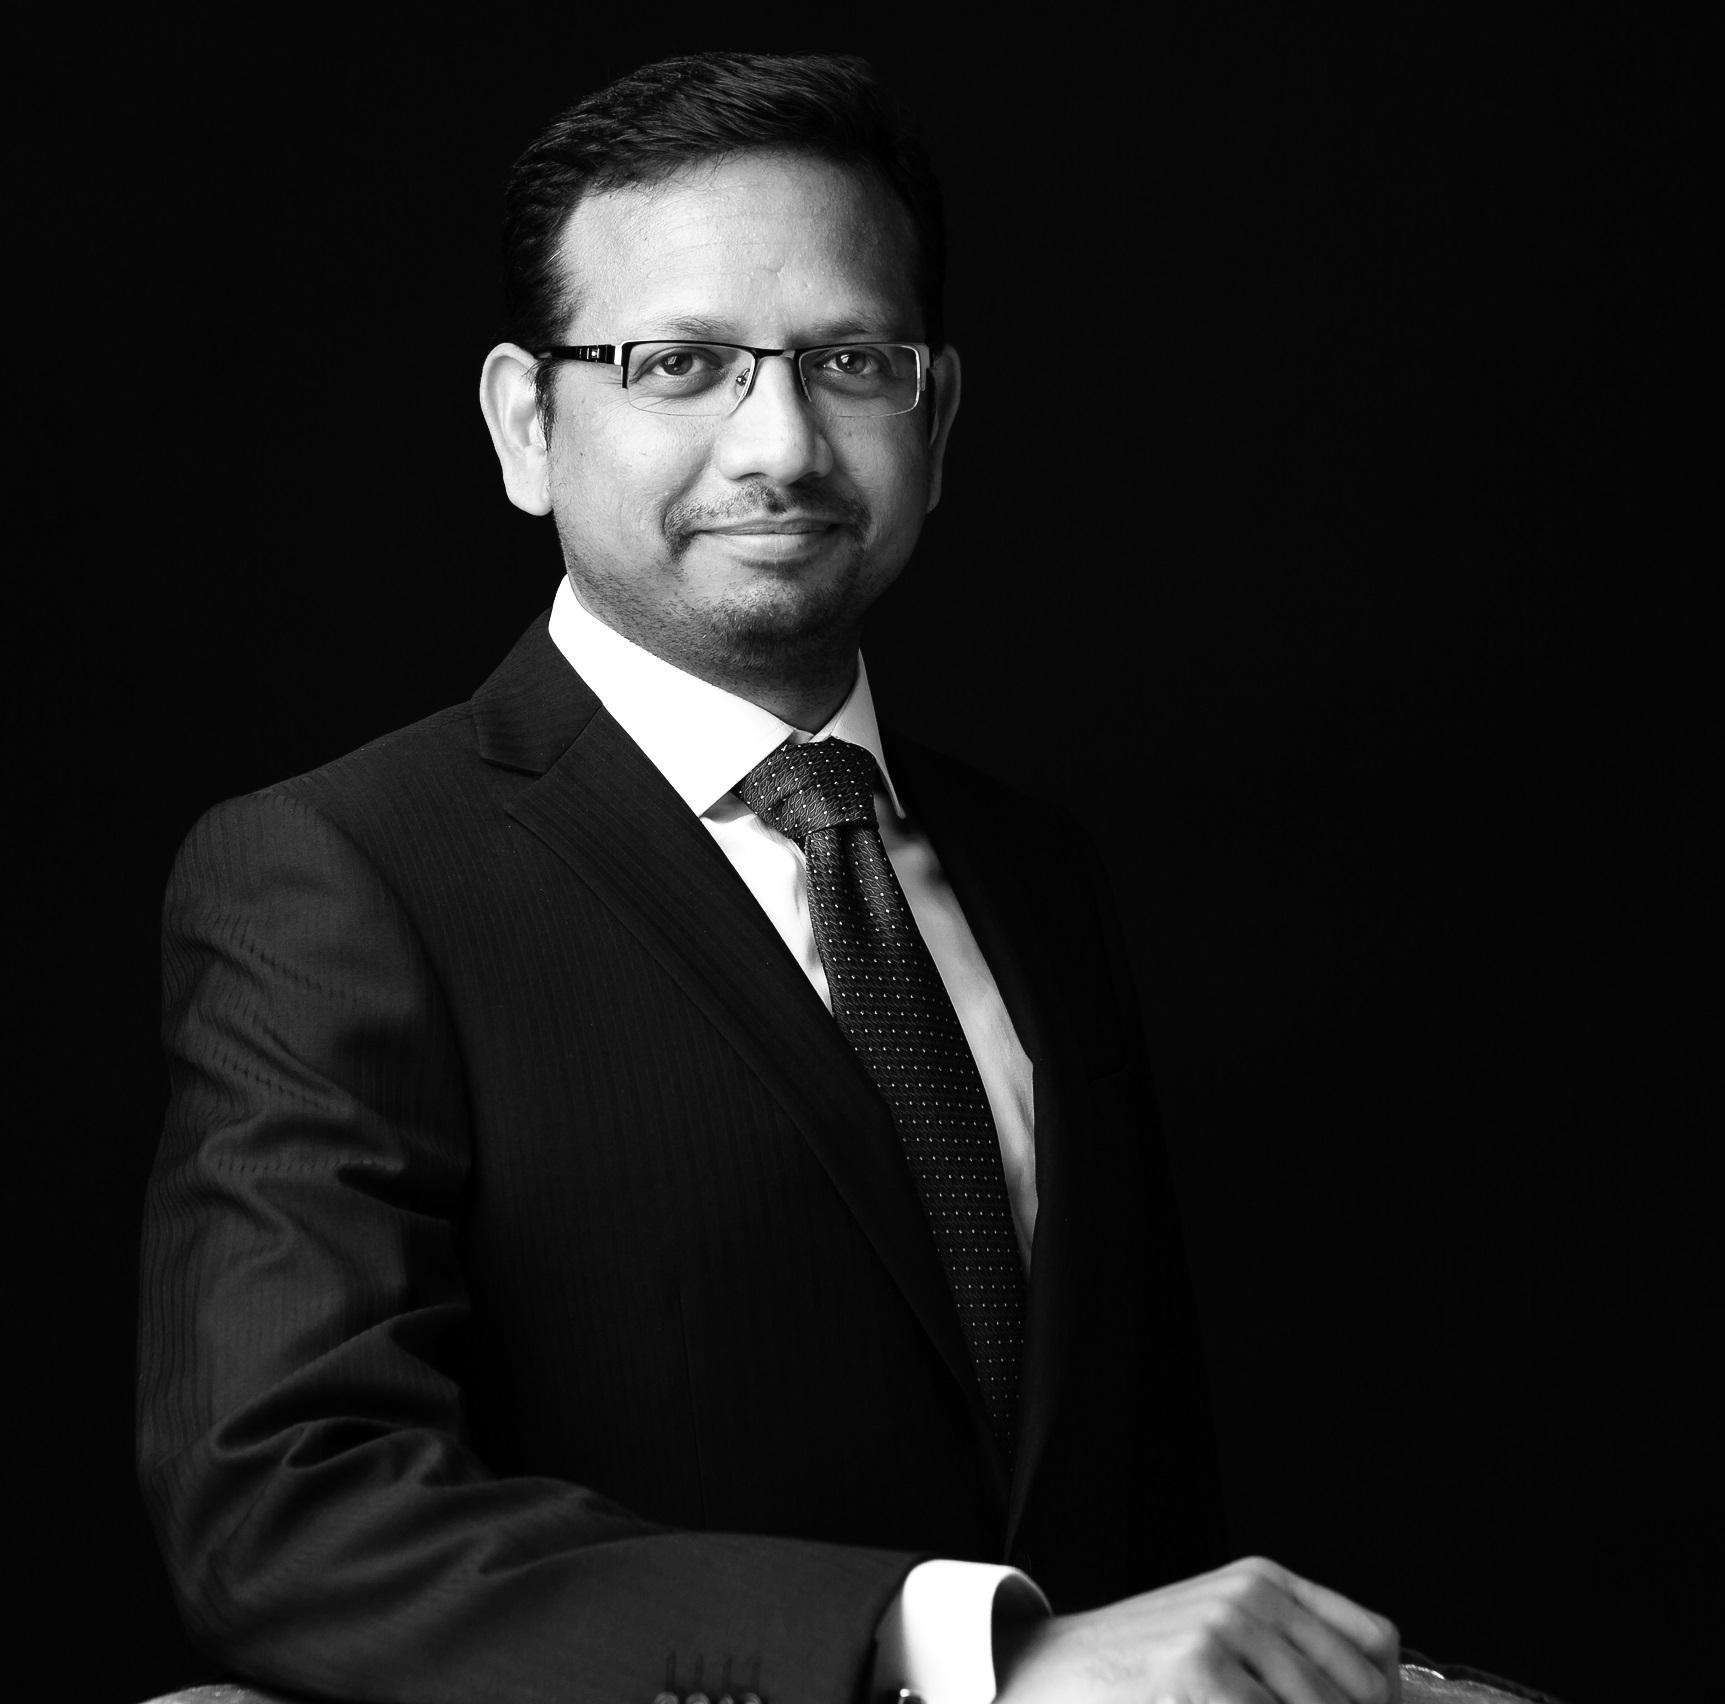 Ganesh Prabhu